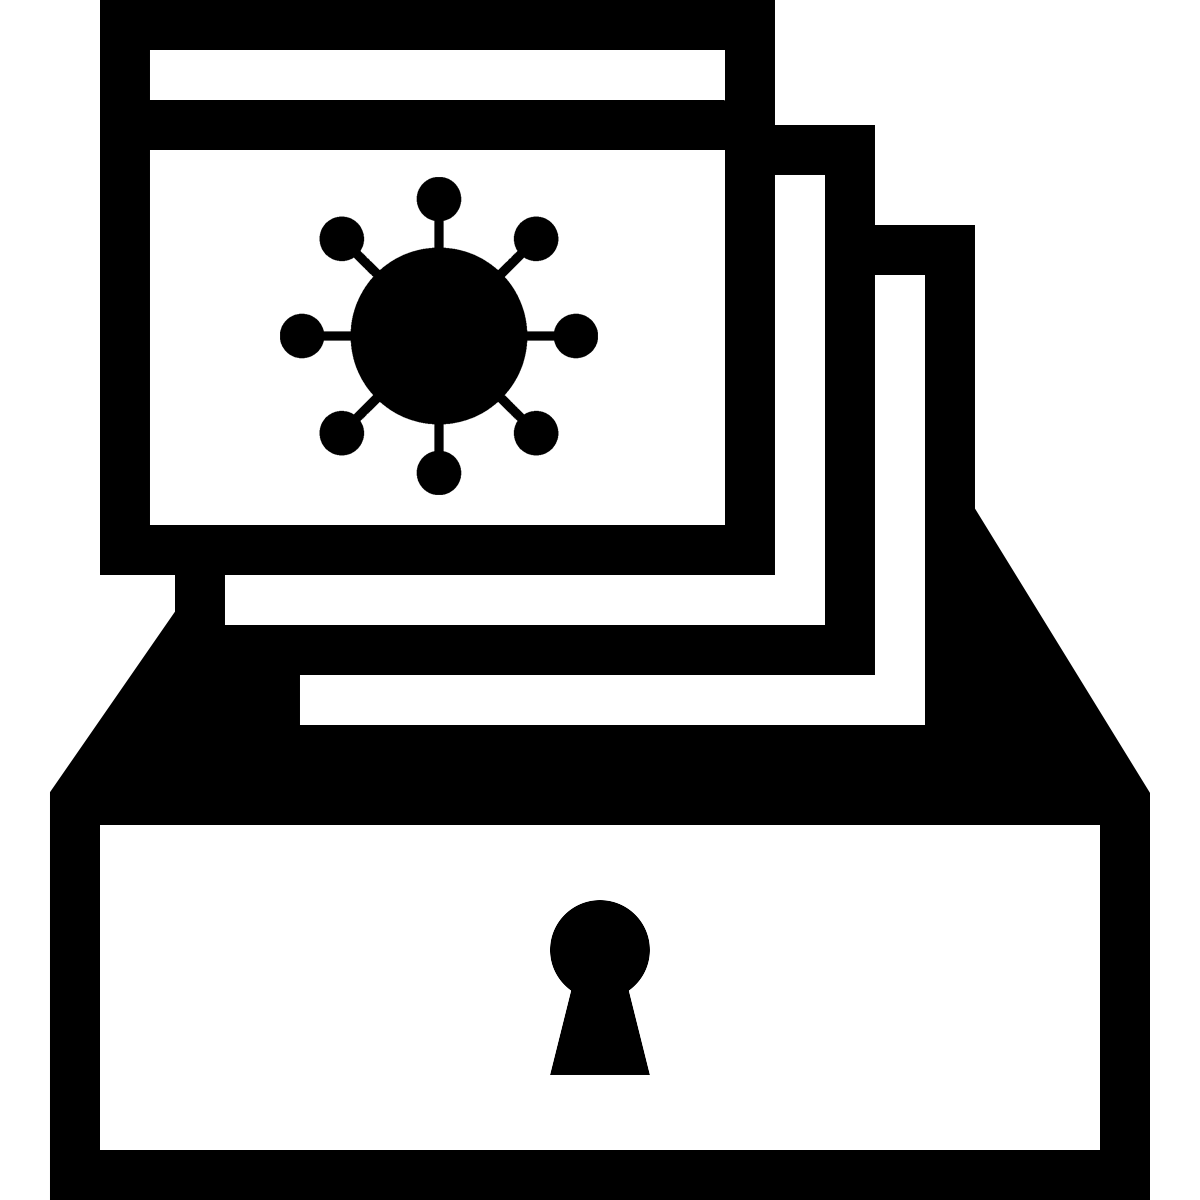 COVID-19 Collecting Campaign icon